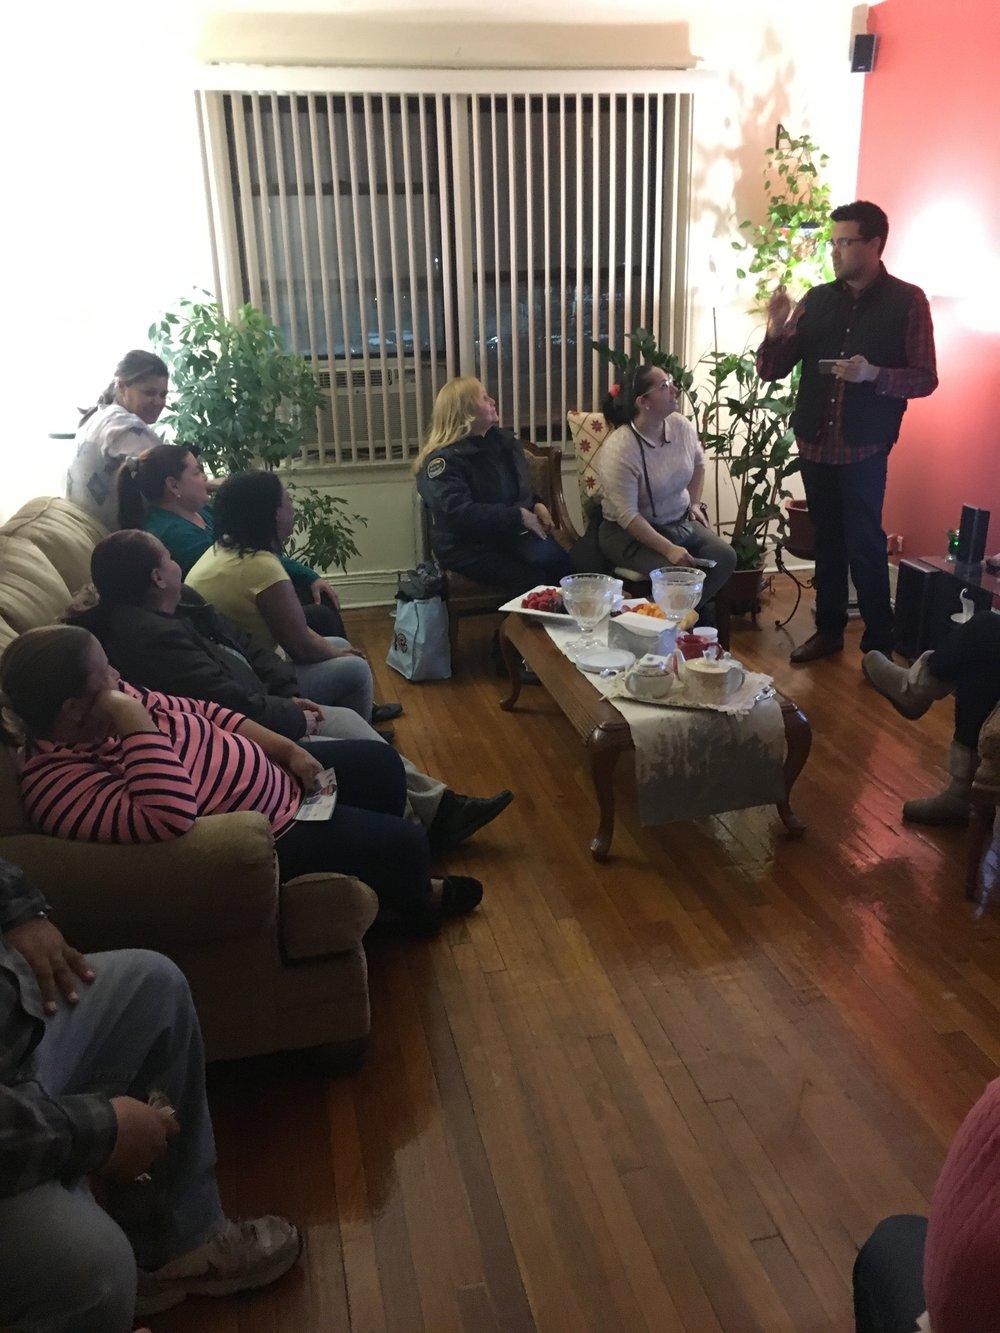 Educando y empoderando la comunidad - Randy Abreu sabe lo difícil que es para nosotros, los latinos del Bronx, el navegar el sistema de gobierno. Como Concejal, Randy Abreu trabajará día y noche para ayudar a nuestros inmigrantes a navegar el sistema legal. También, Randy trabajará para ayudar a los residentes del Bronx a completar los documentos y asegurar el financiamiento para iniciar sus propios negocios.